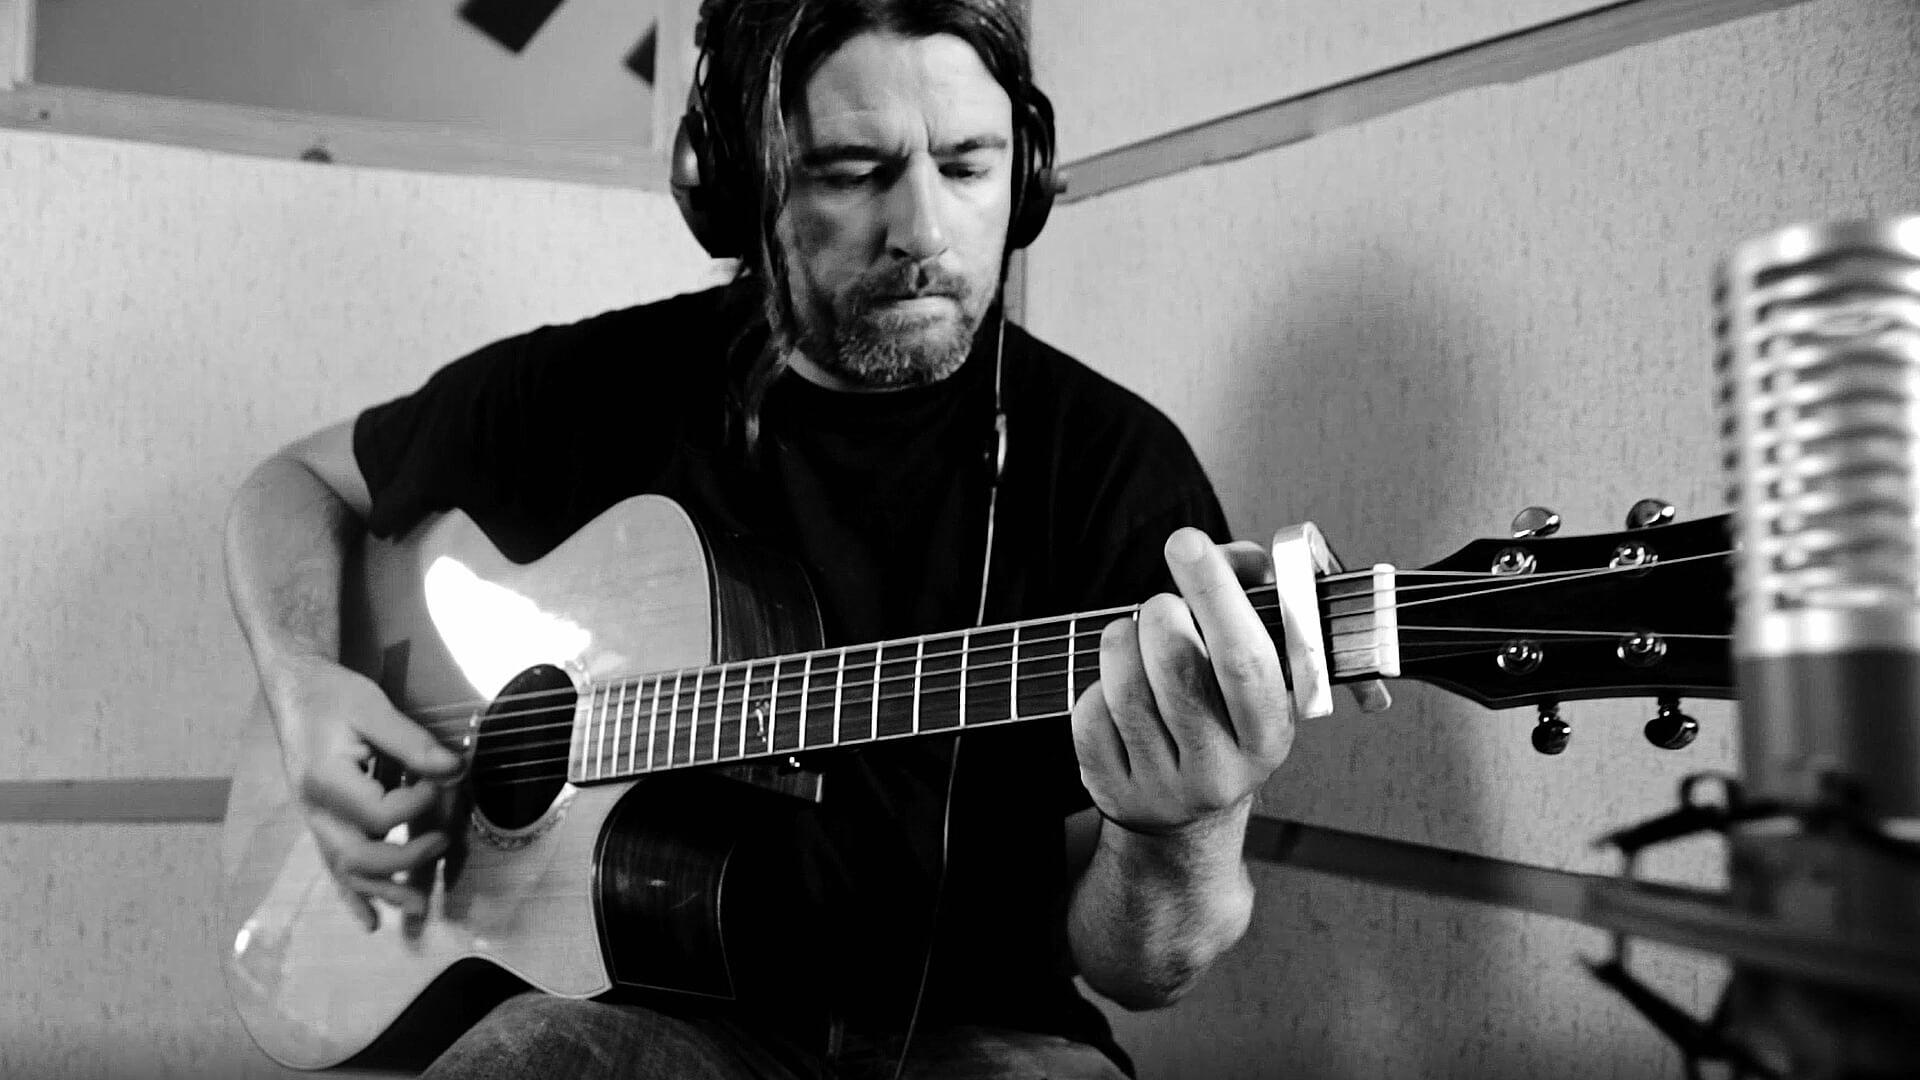 Brieg Guerveno enregistre la guitare acoustique du titre Petra zo bet, clip vidéo produit par Tyanpark Studio